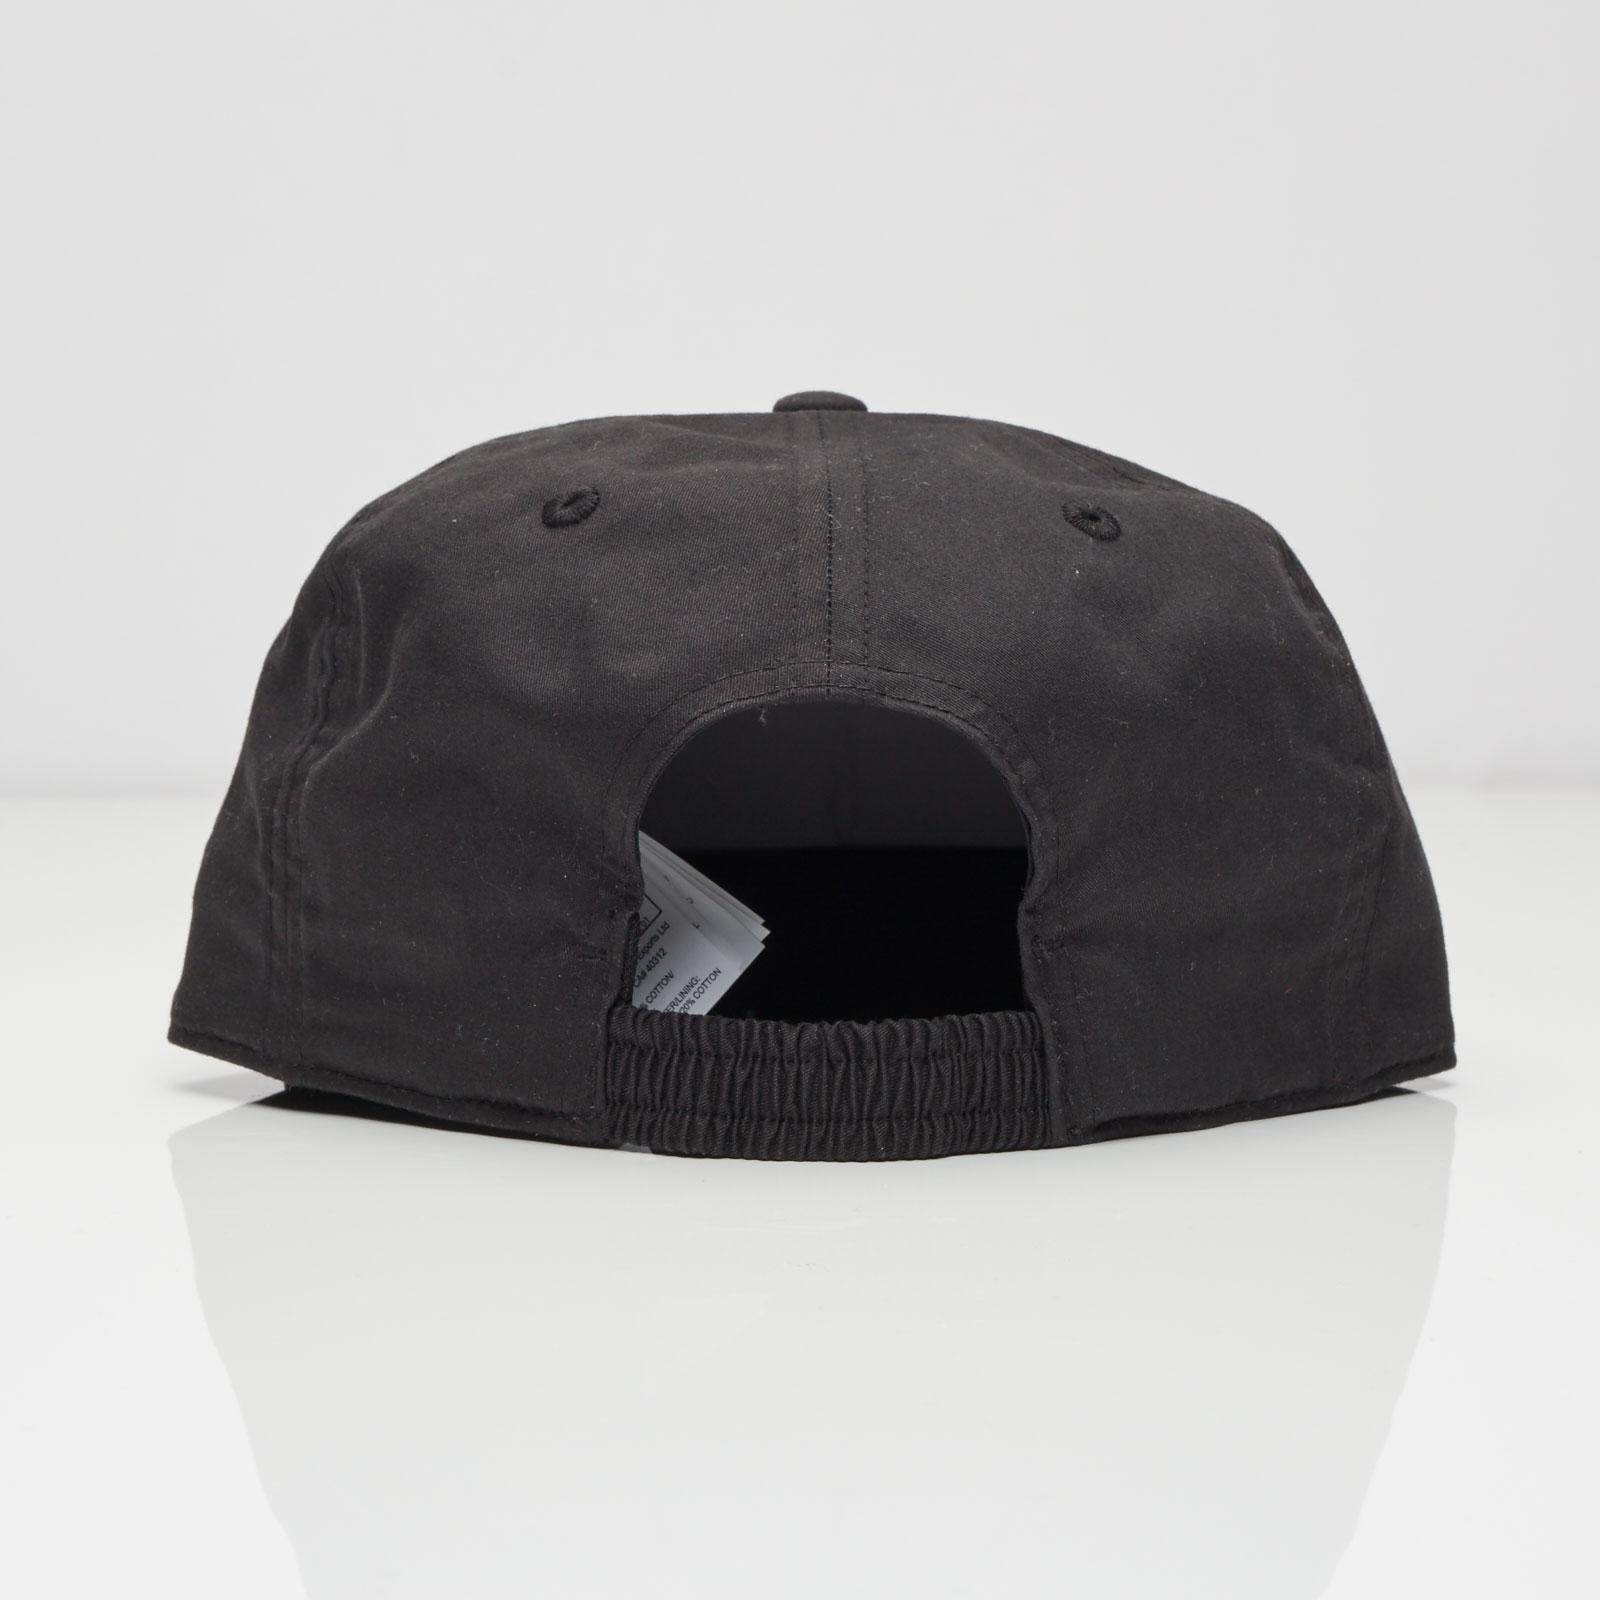 adidas Re Eqt Cap - Ay9420 - Sneakersnstuff  4fa925d4cc6b